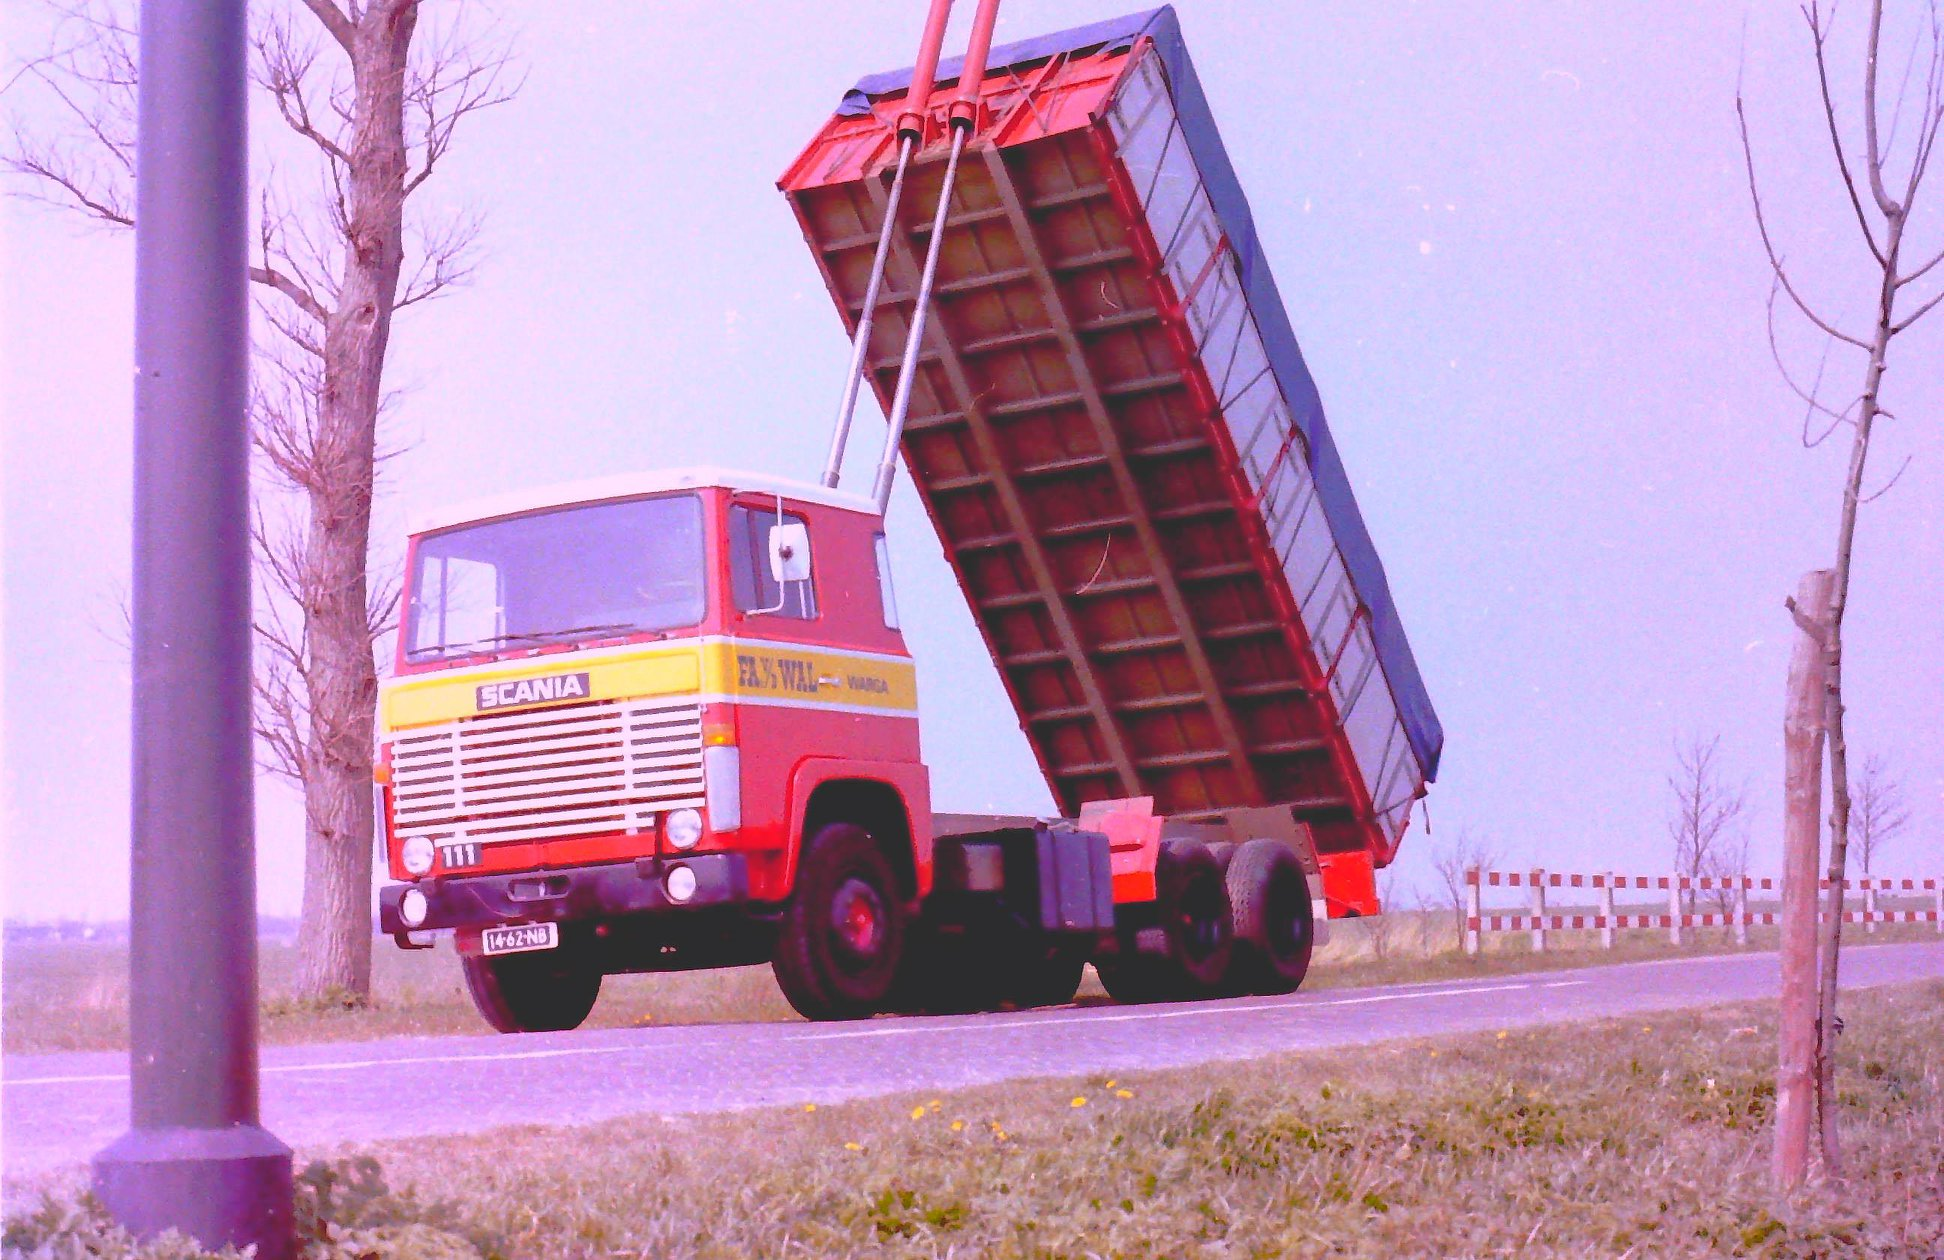 Deze-kipauto-is-gebouwd-door-Rondaan-voor-Van-Der-Wal-uit-Warga-2